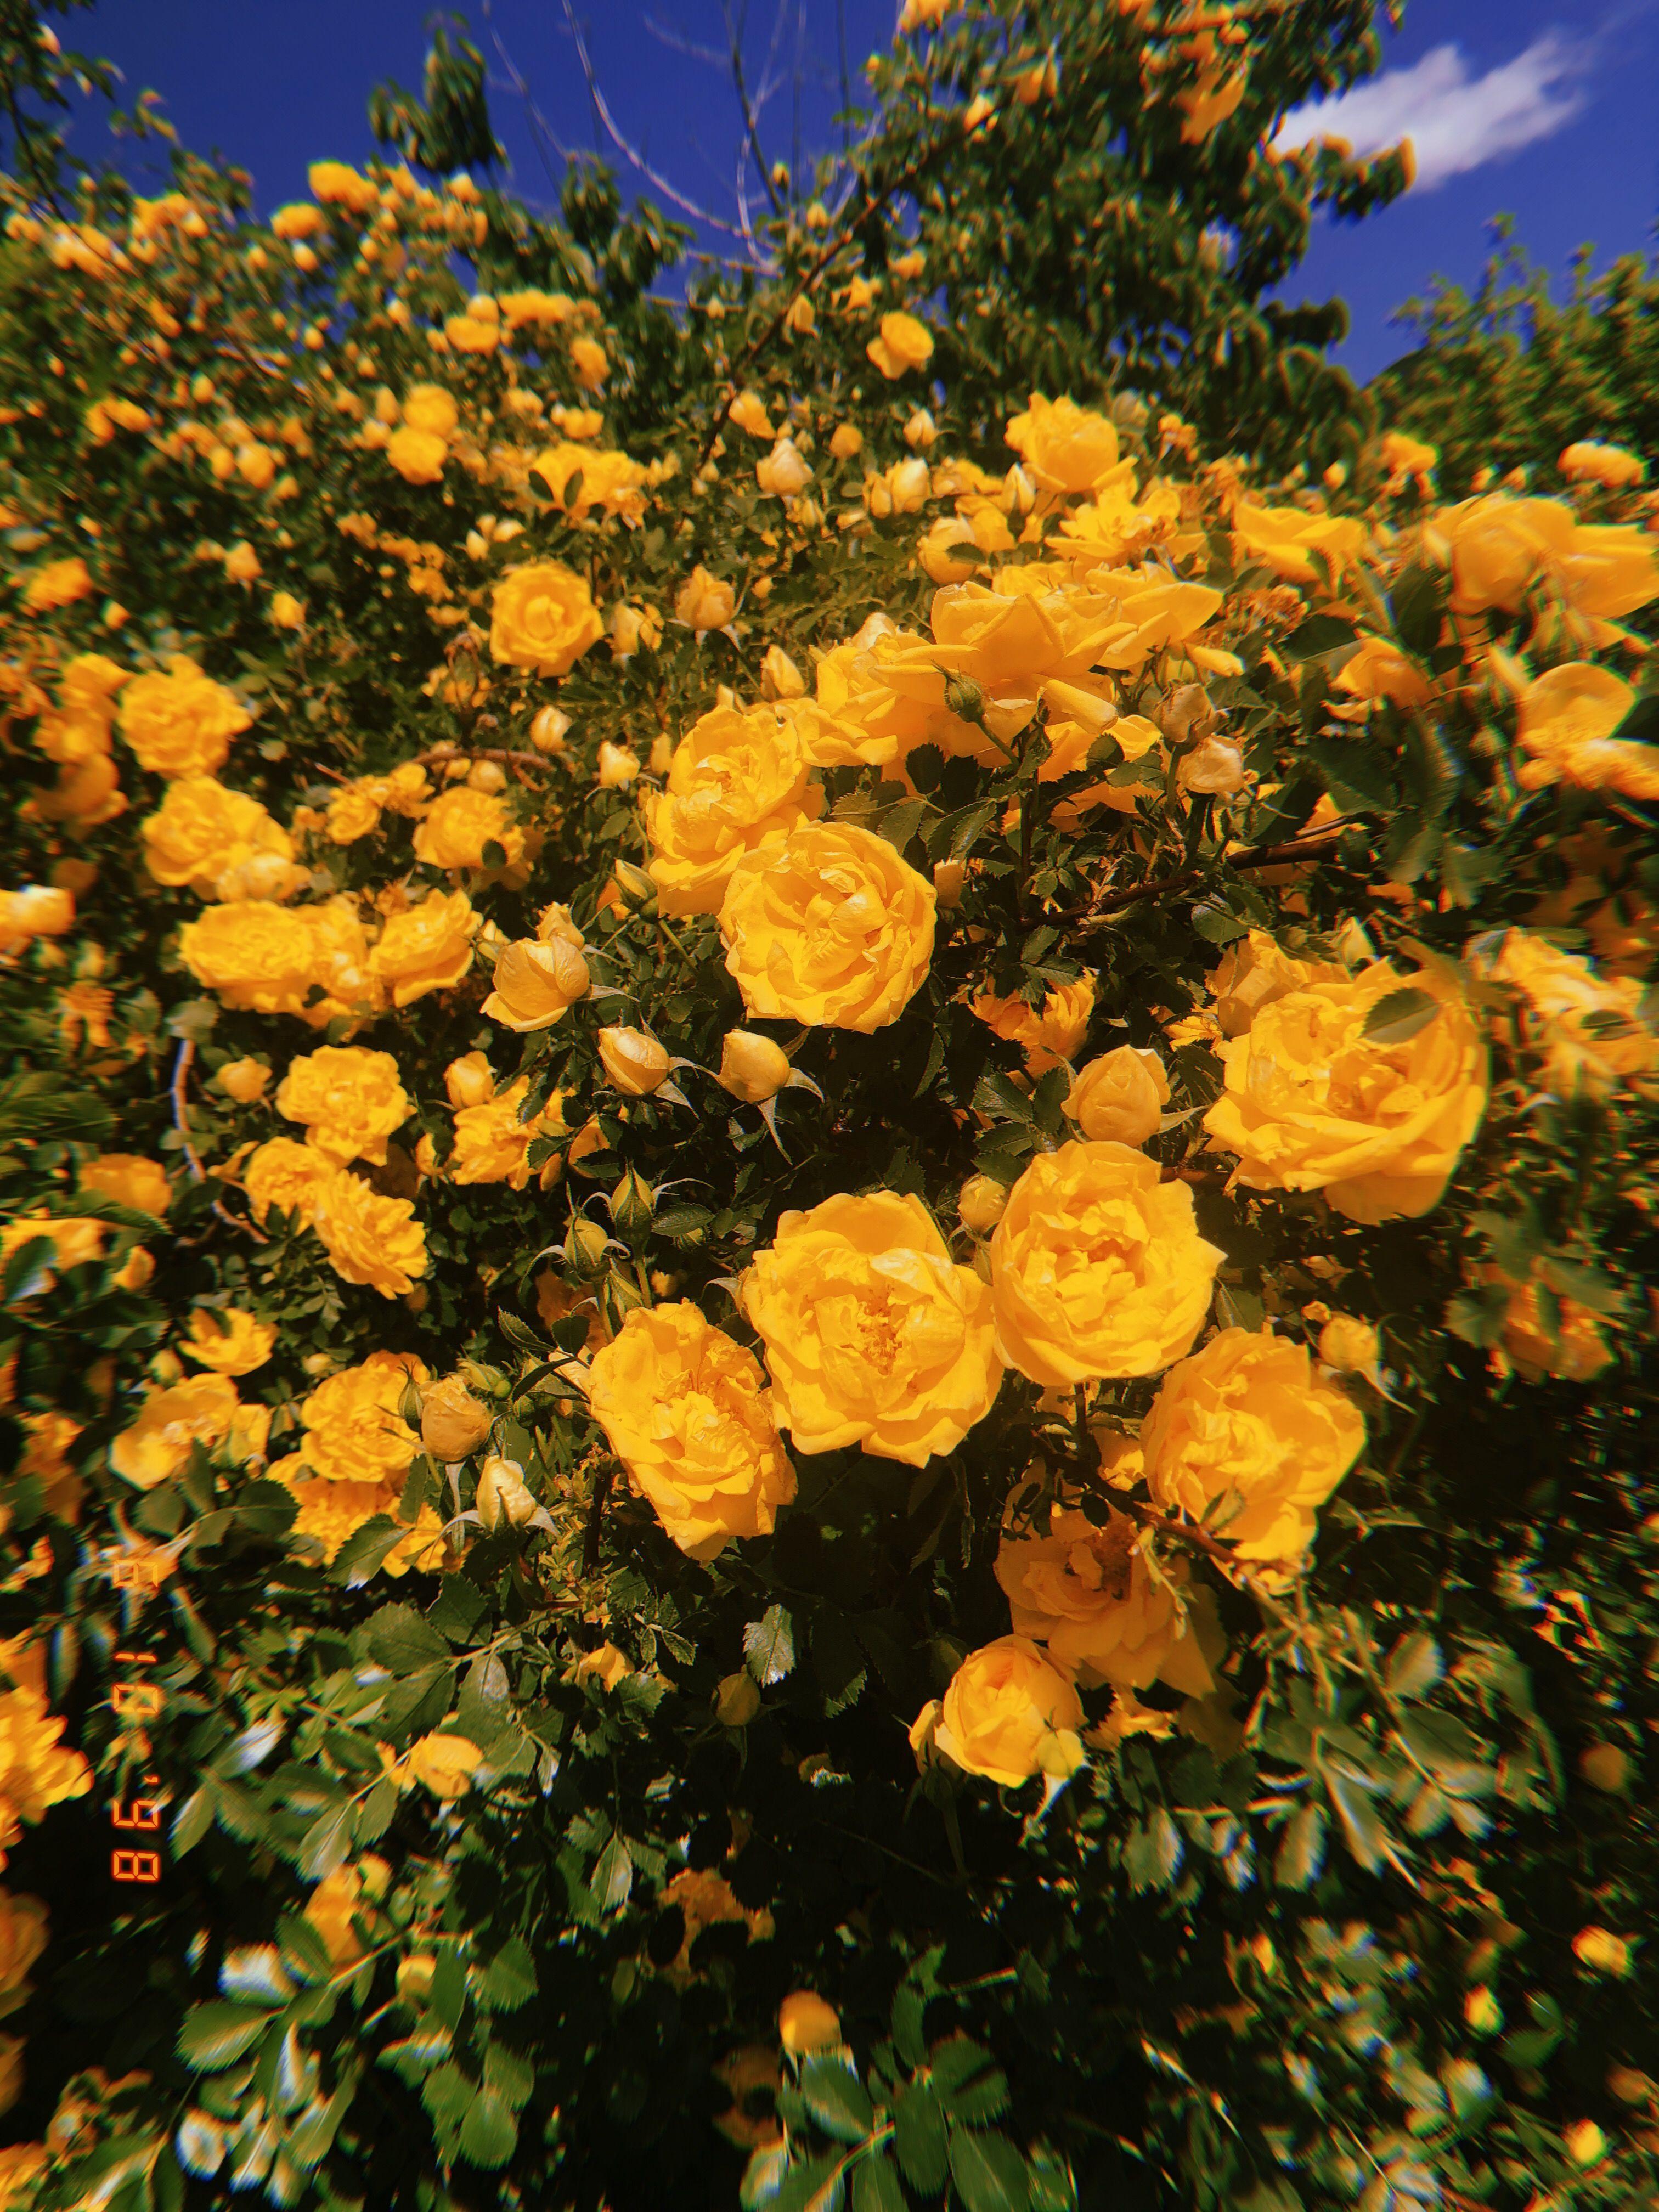 Yellow Yellow aesthetic Pinterest Yellow, Yellow